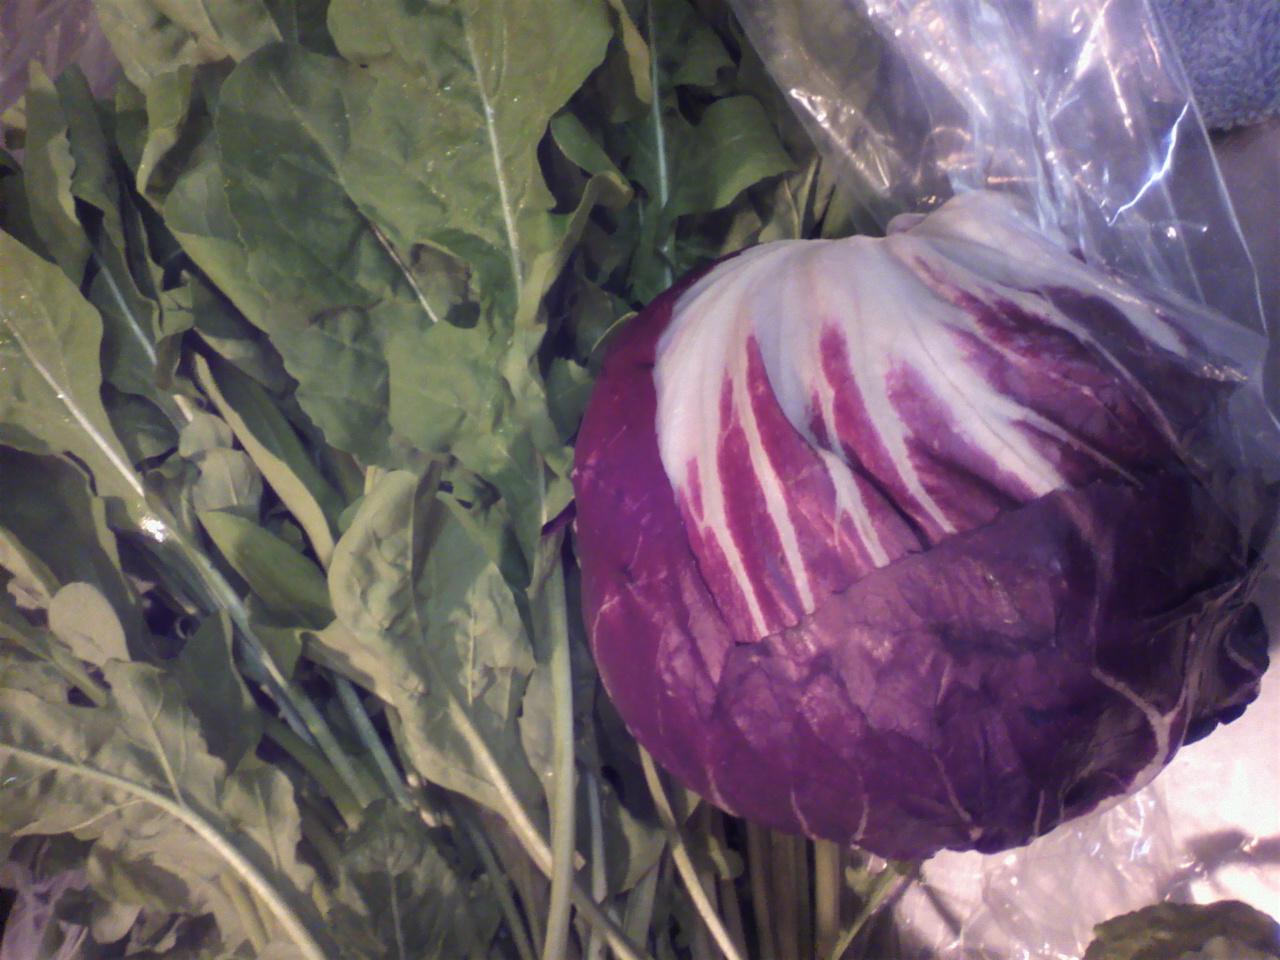 野菜 たっぷり みずみずしい野菜たち_e0190216_19403222.jpg